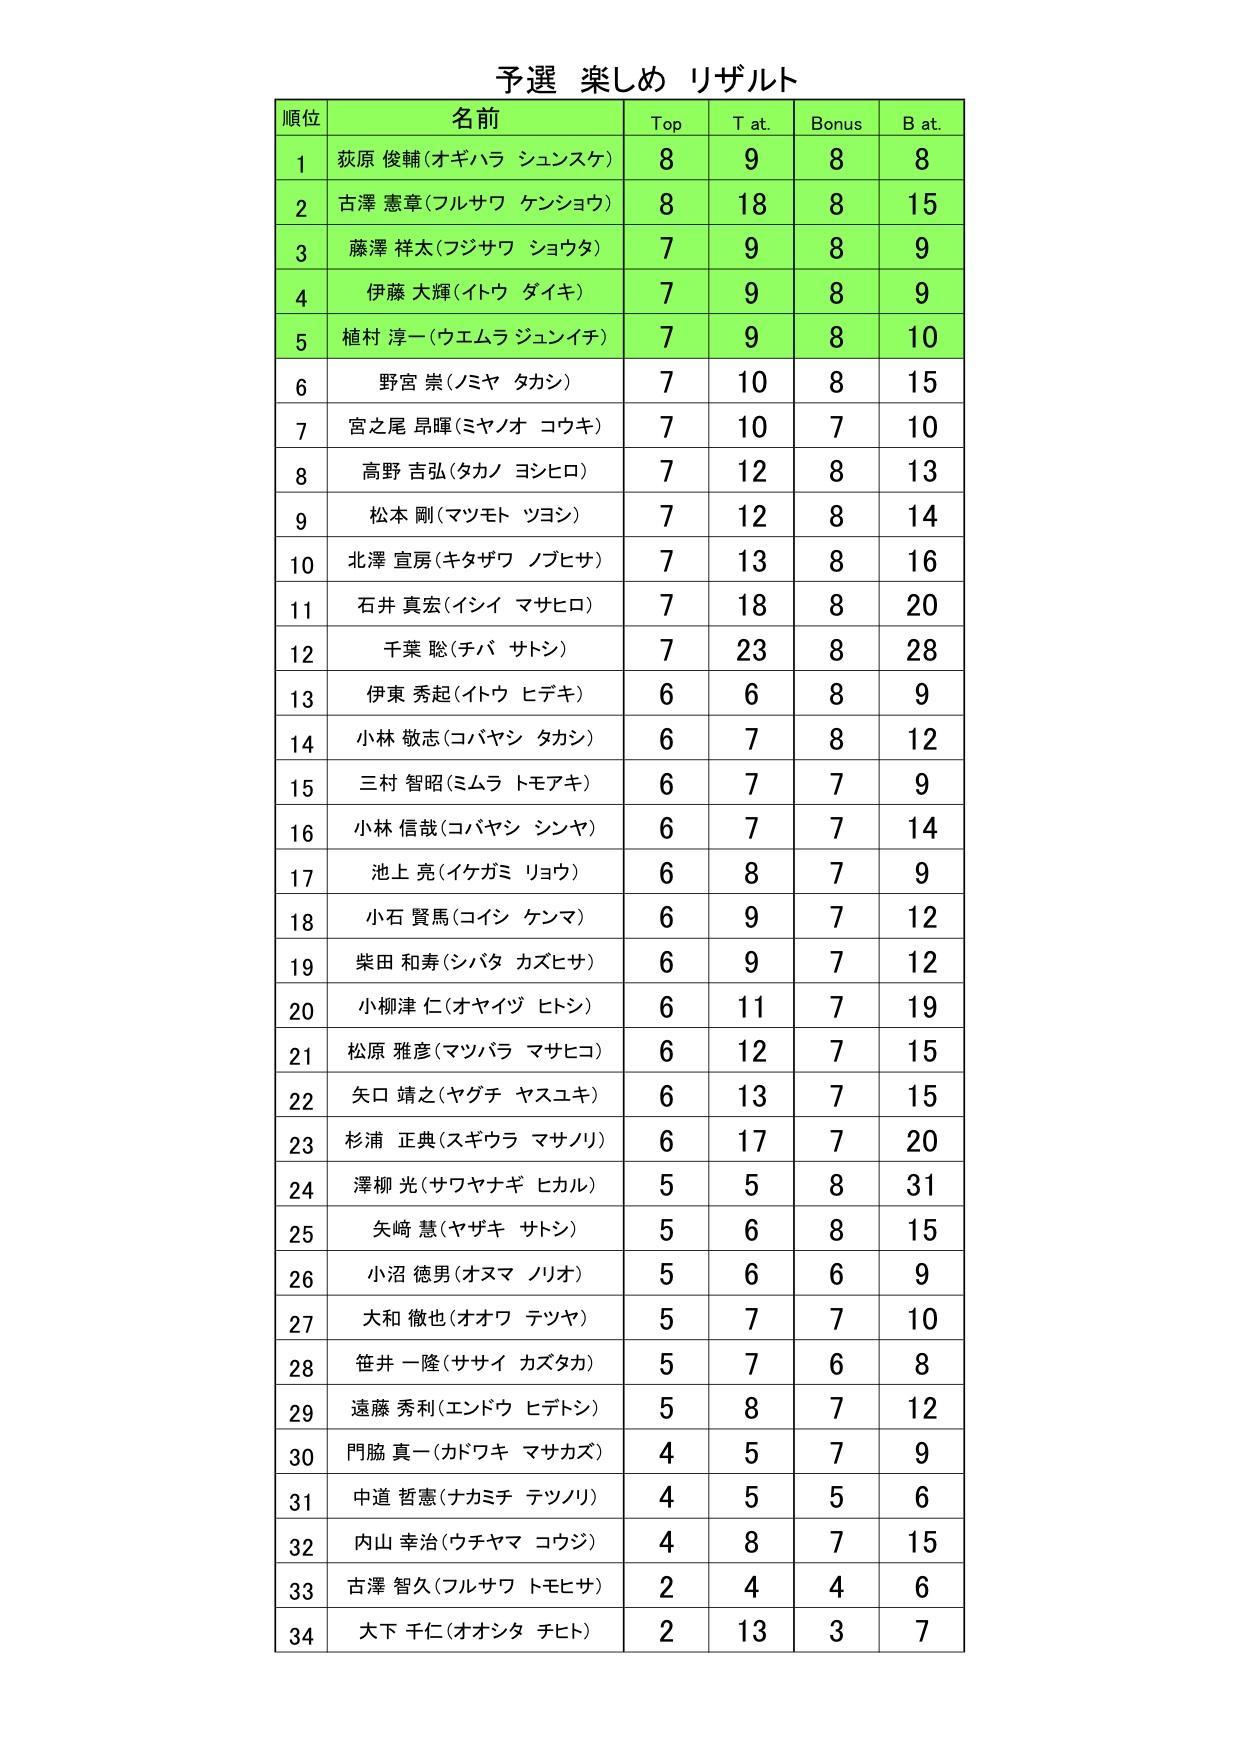 予選決勝リザルト 予選リザルト楽しめ (結果).jpg